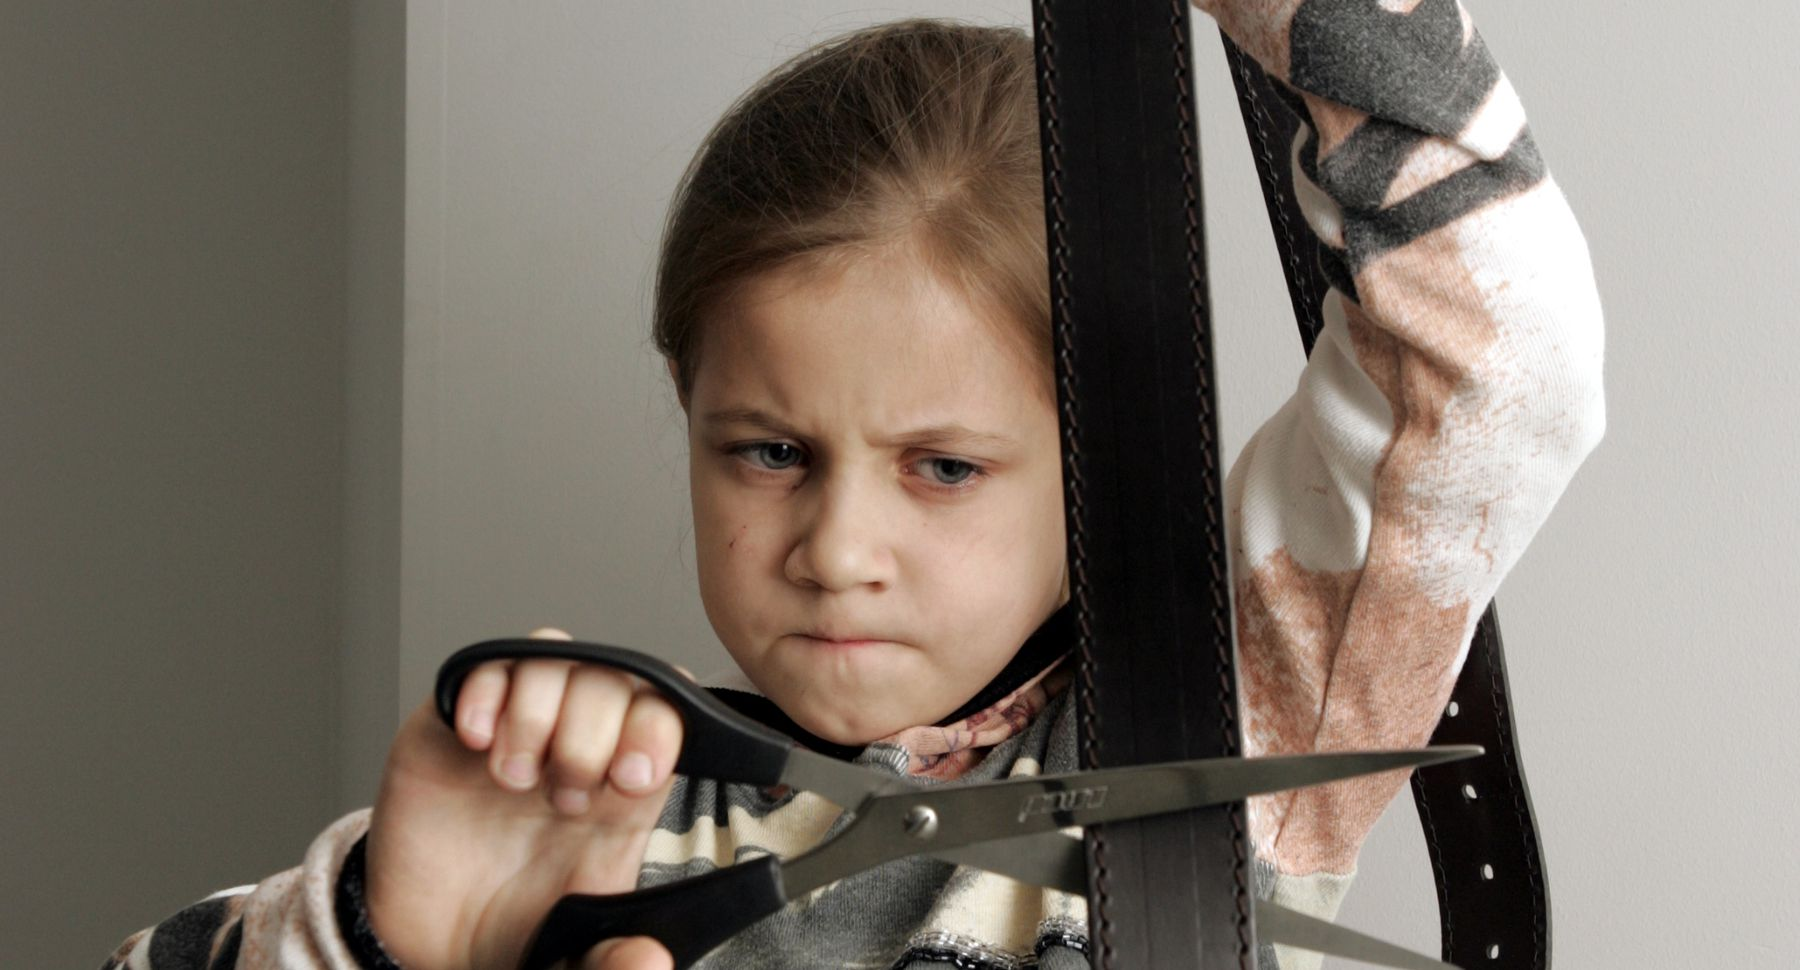 Сын наказал свою мать жестоко, Властная мать наказала нахального сына 1 фотография